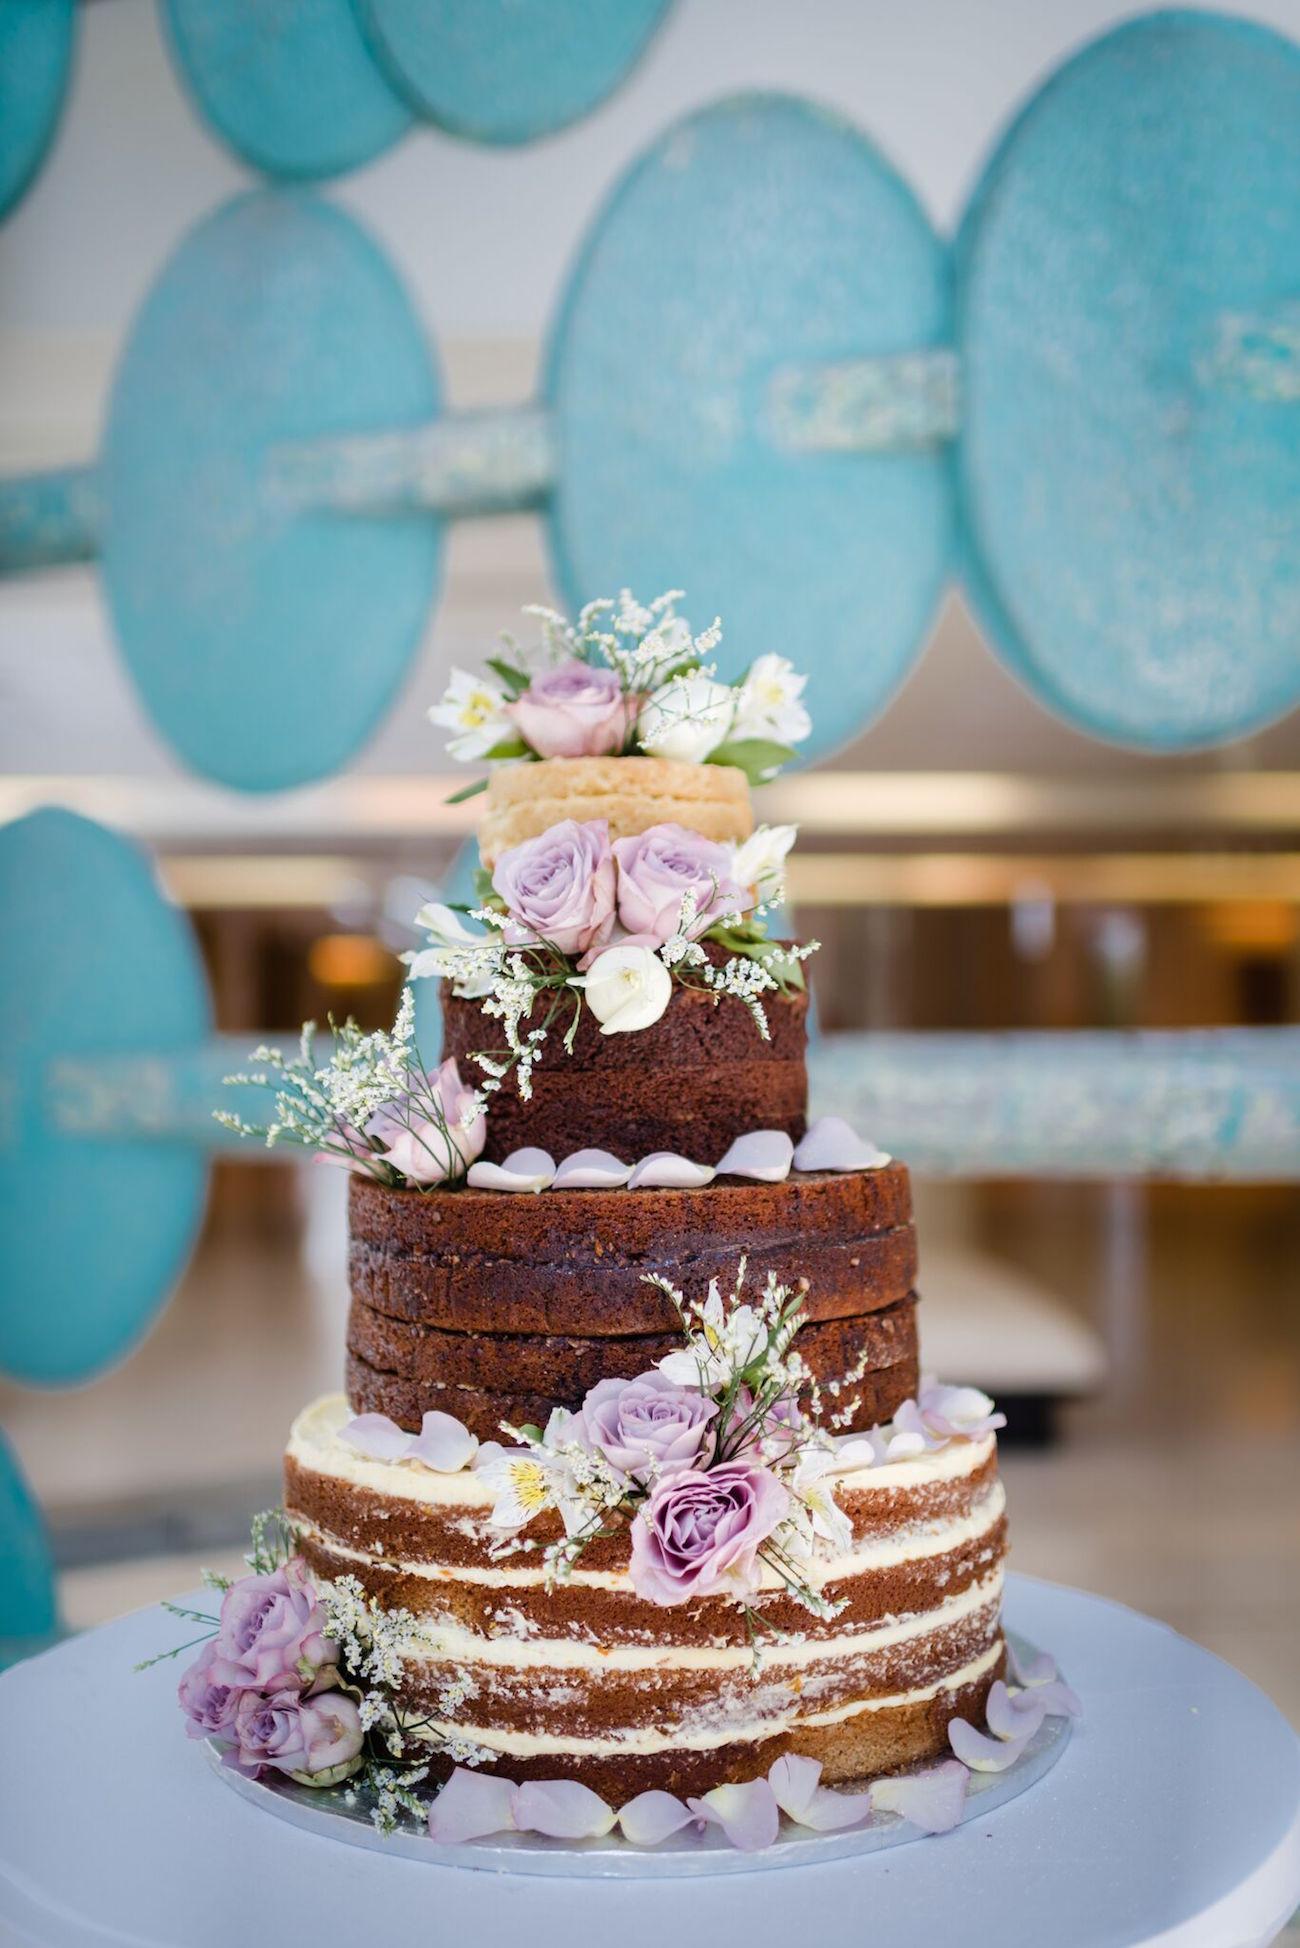 Naked Wedding Cake | Image: Wynand van der Merwe